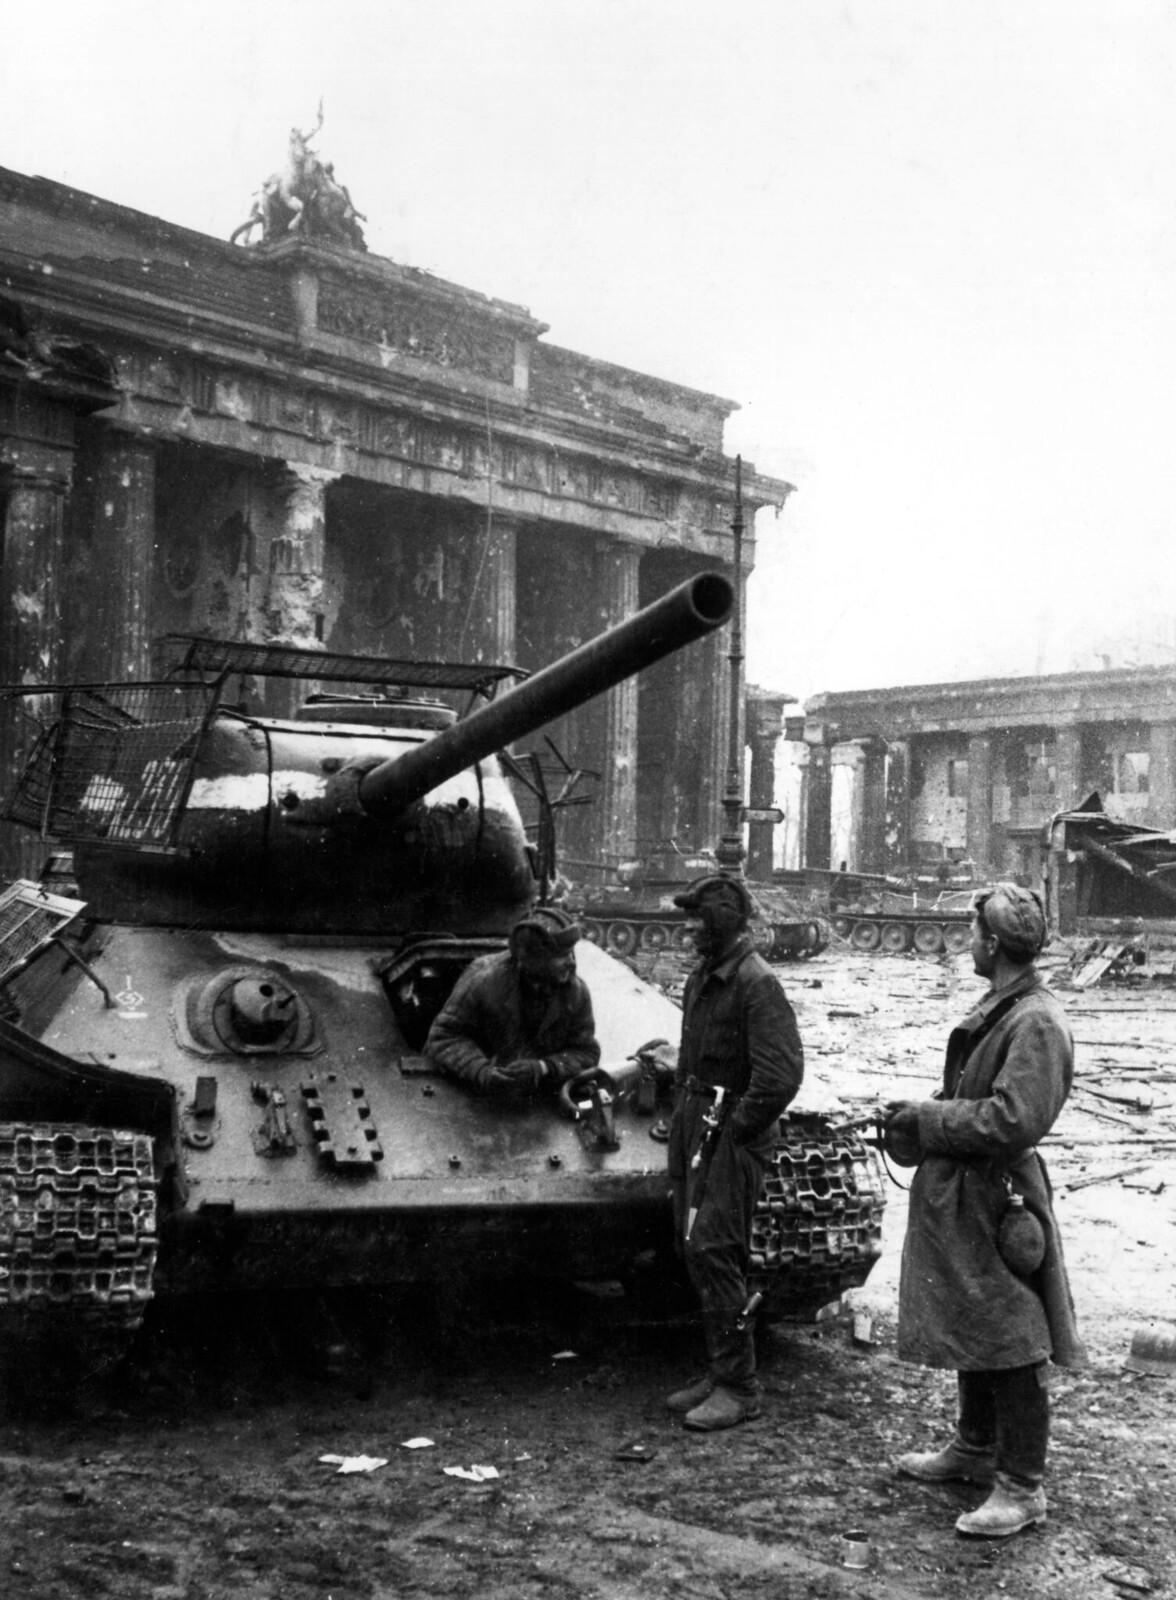 08. Солдаты русской армии беседуют у танка, остановившегося у Бранденбургских ворот